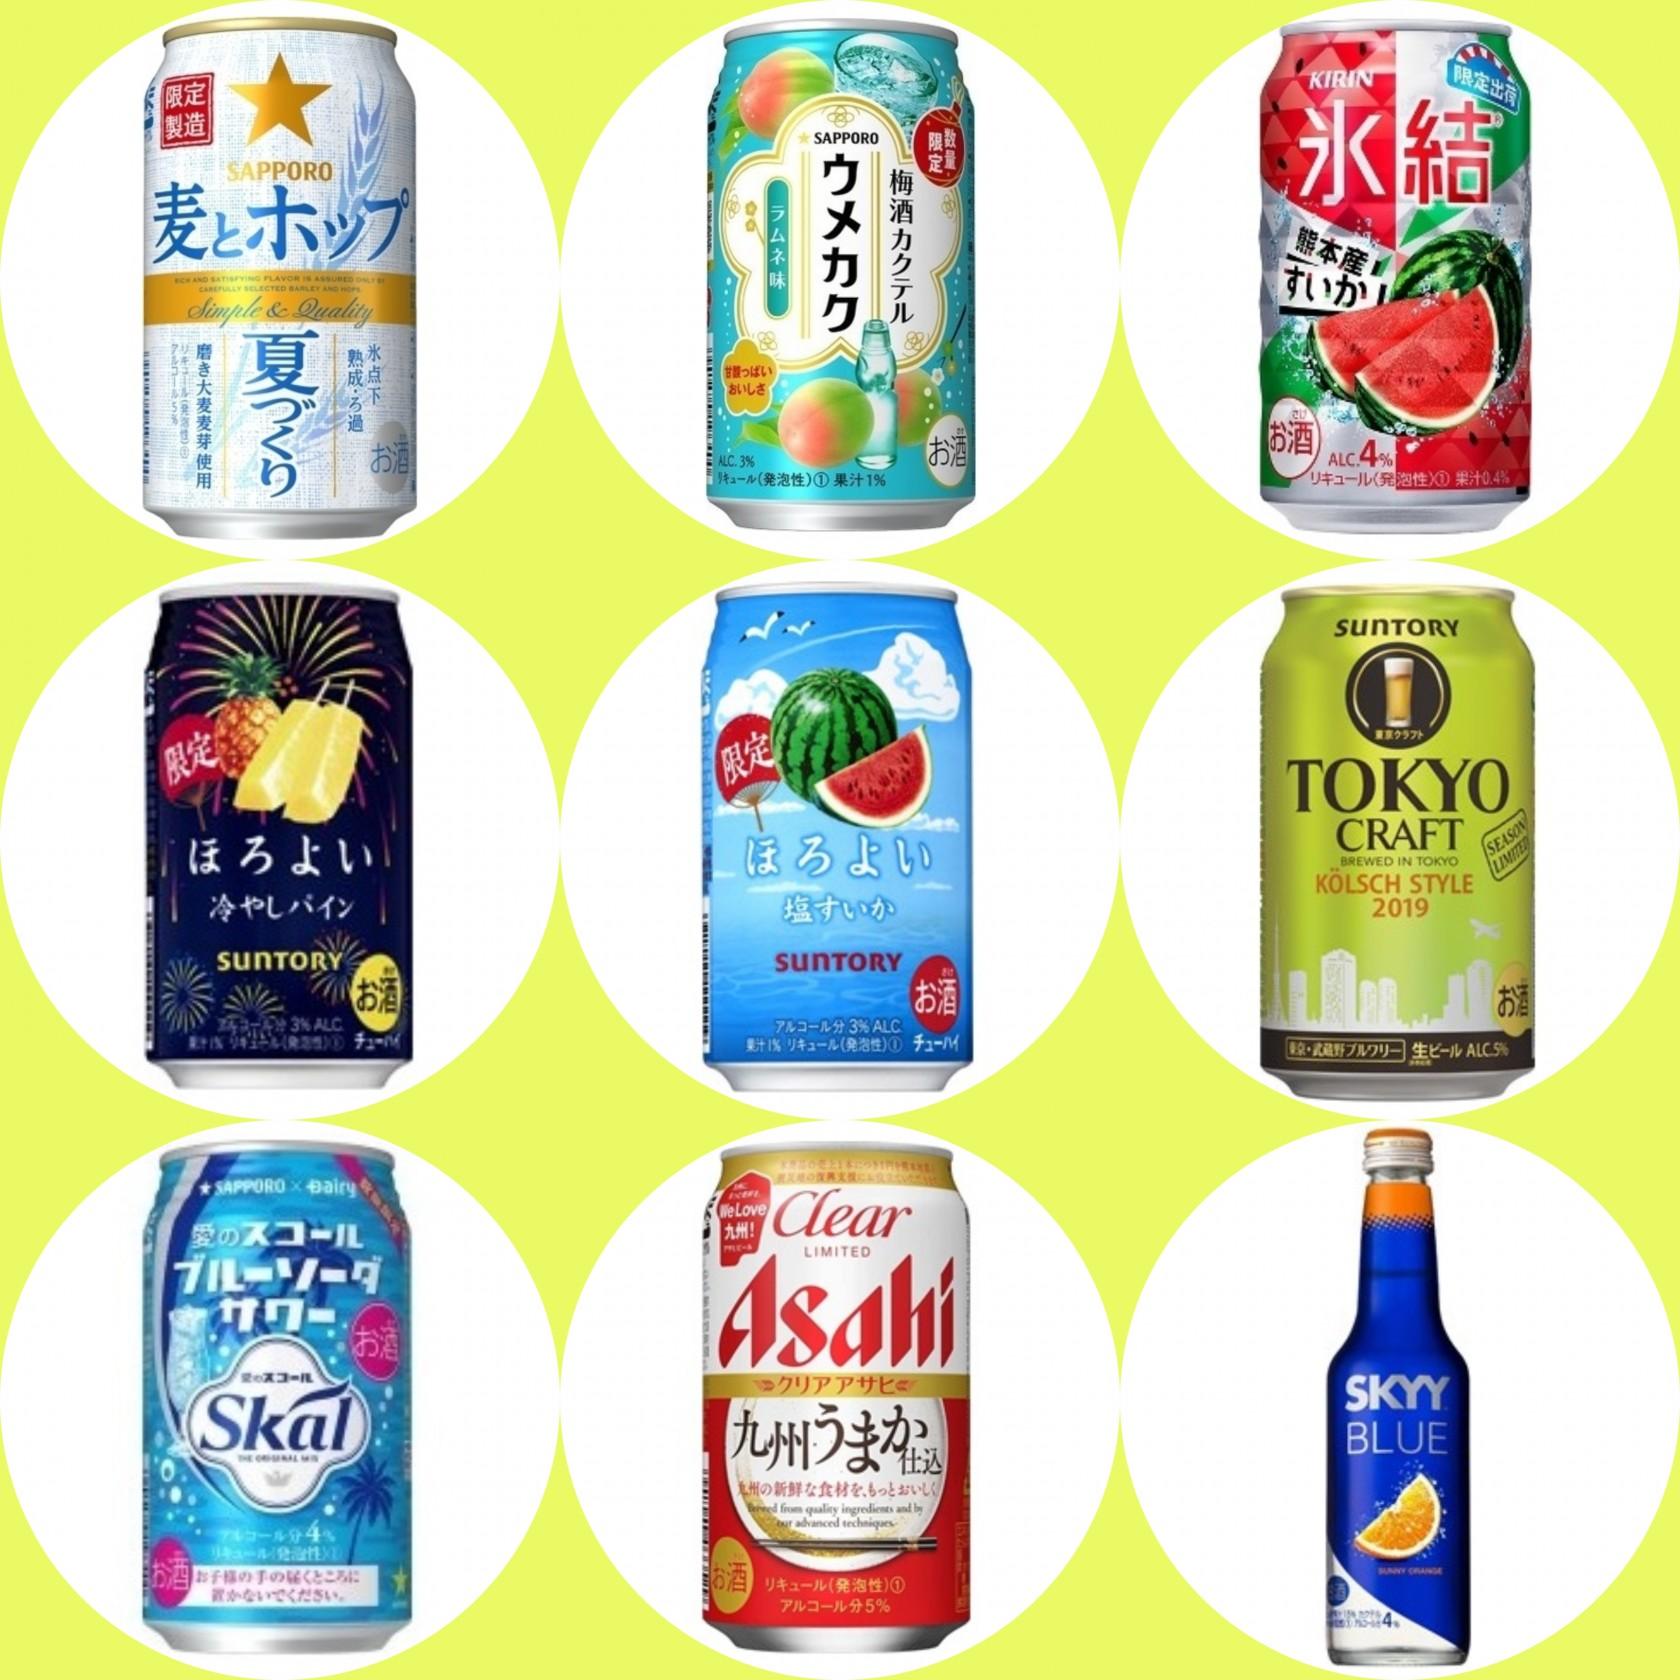 サッポロ「麦とホップ 夏づくり」ほか:新発売のアルコール飲料(もぐ ...